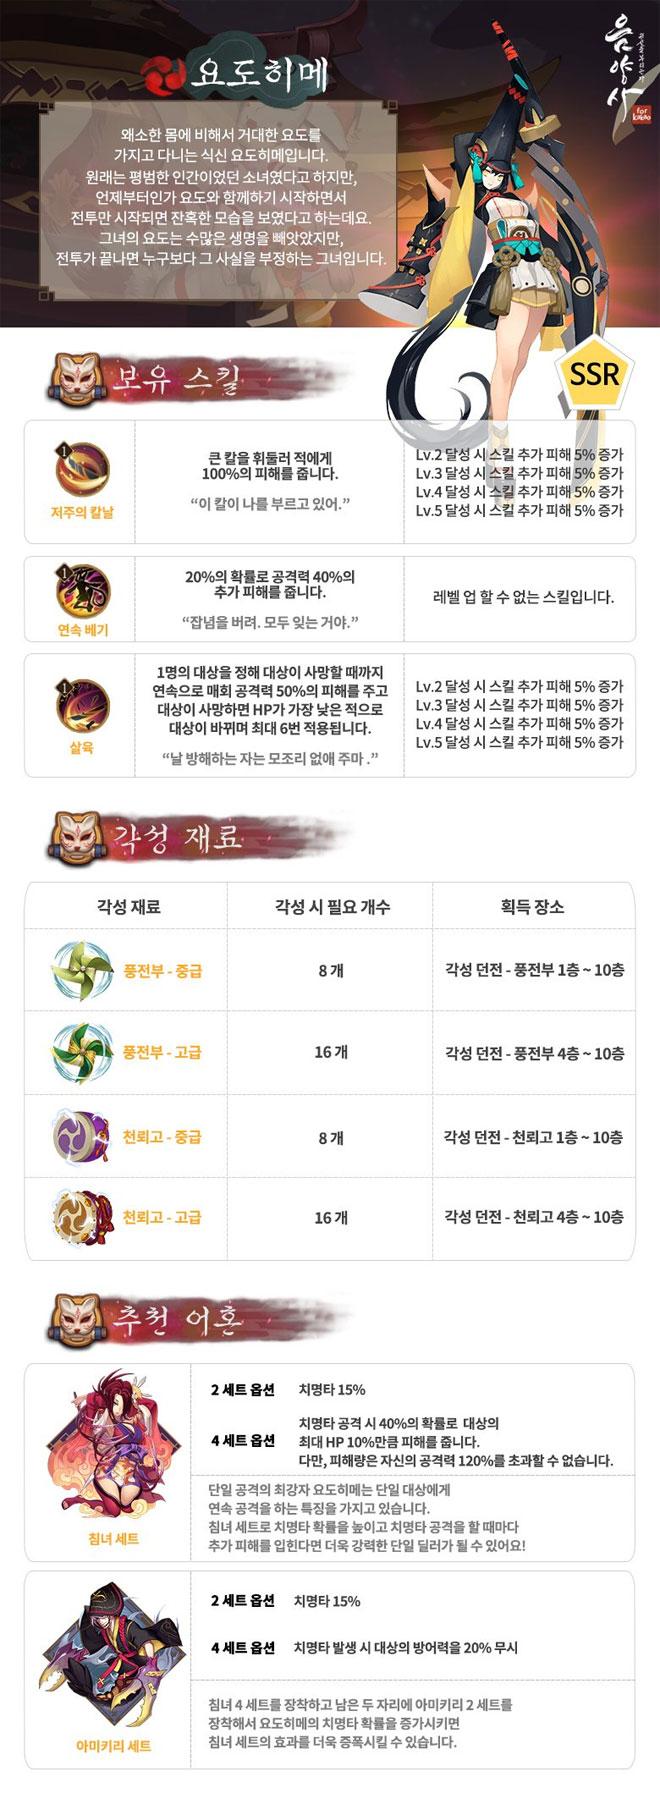 음양사 신규 SSR 등급 식신 '요도히메' 정보